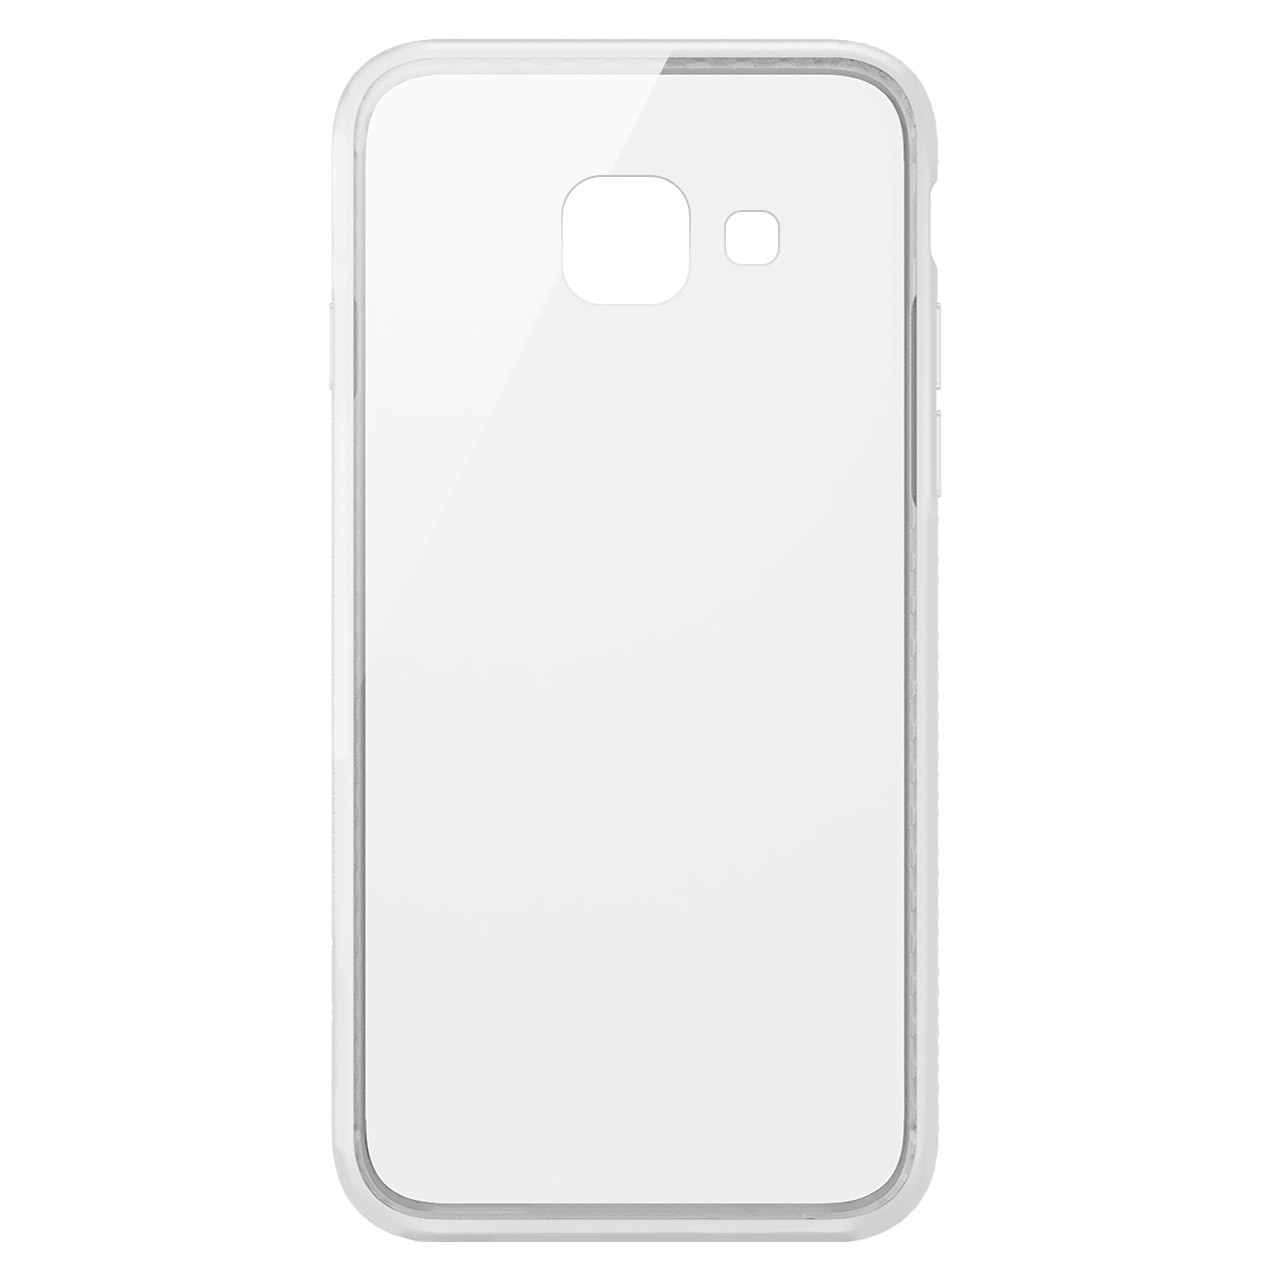 کاور مدل ColorLessTPU مناسب برای گوشی موبایل سامسونگ گلکسی A7 2017              ( قیمت و خرید)